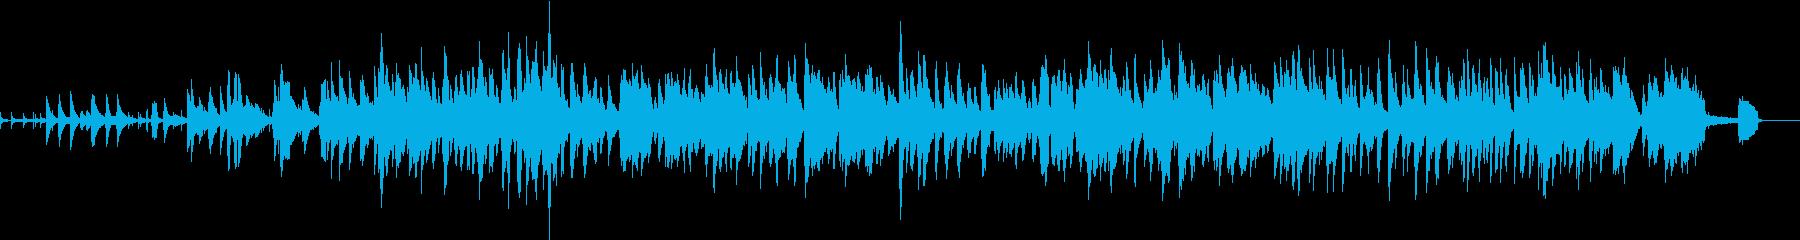 ピアノ ペットのJazzの再生済みの波形